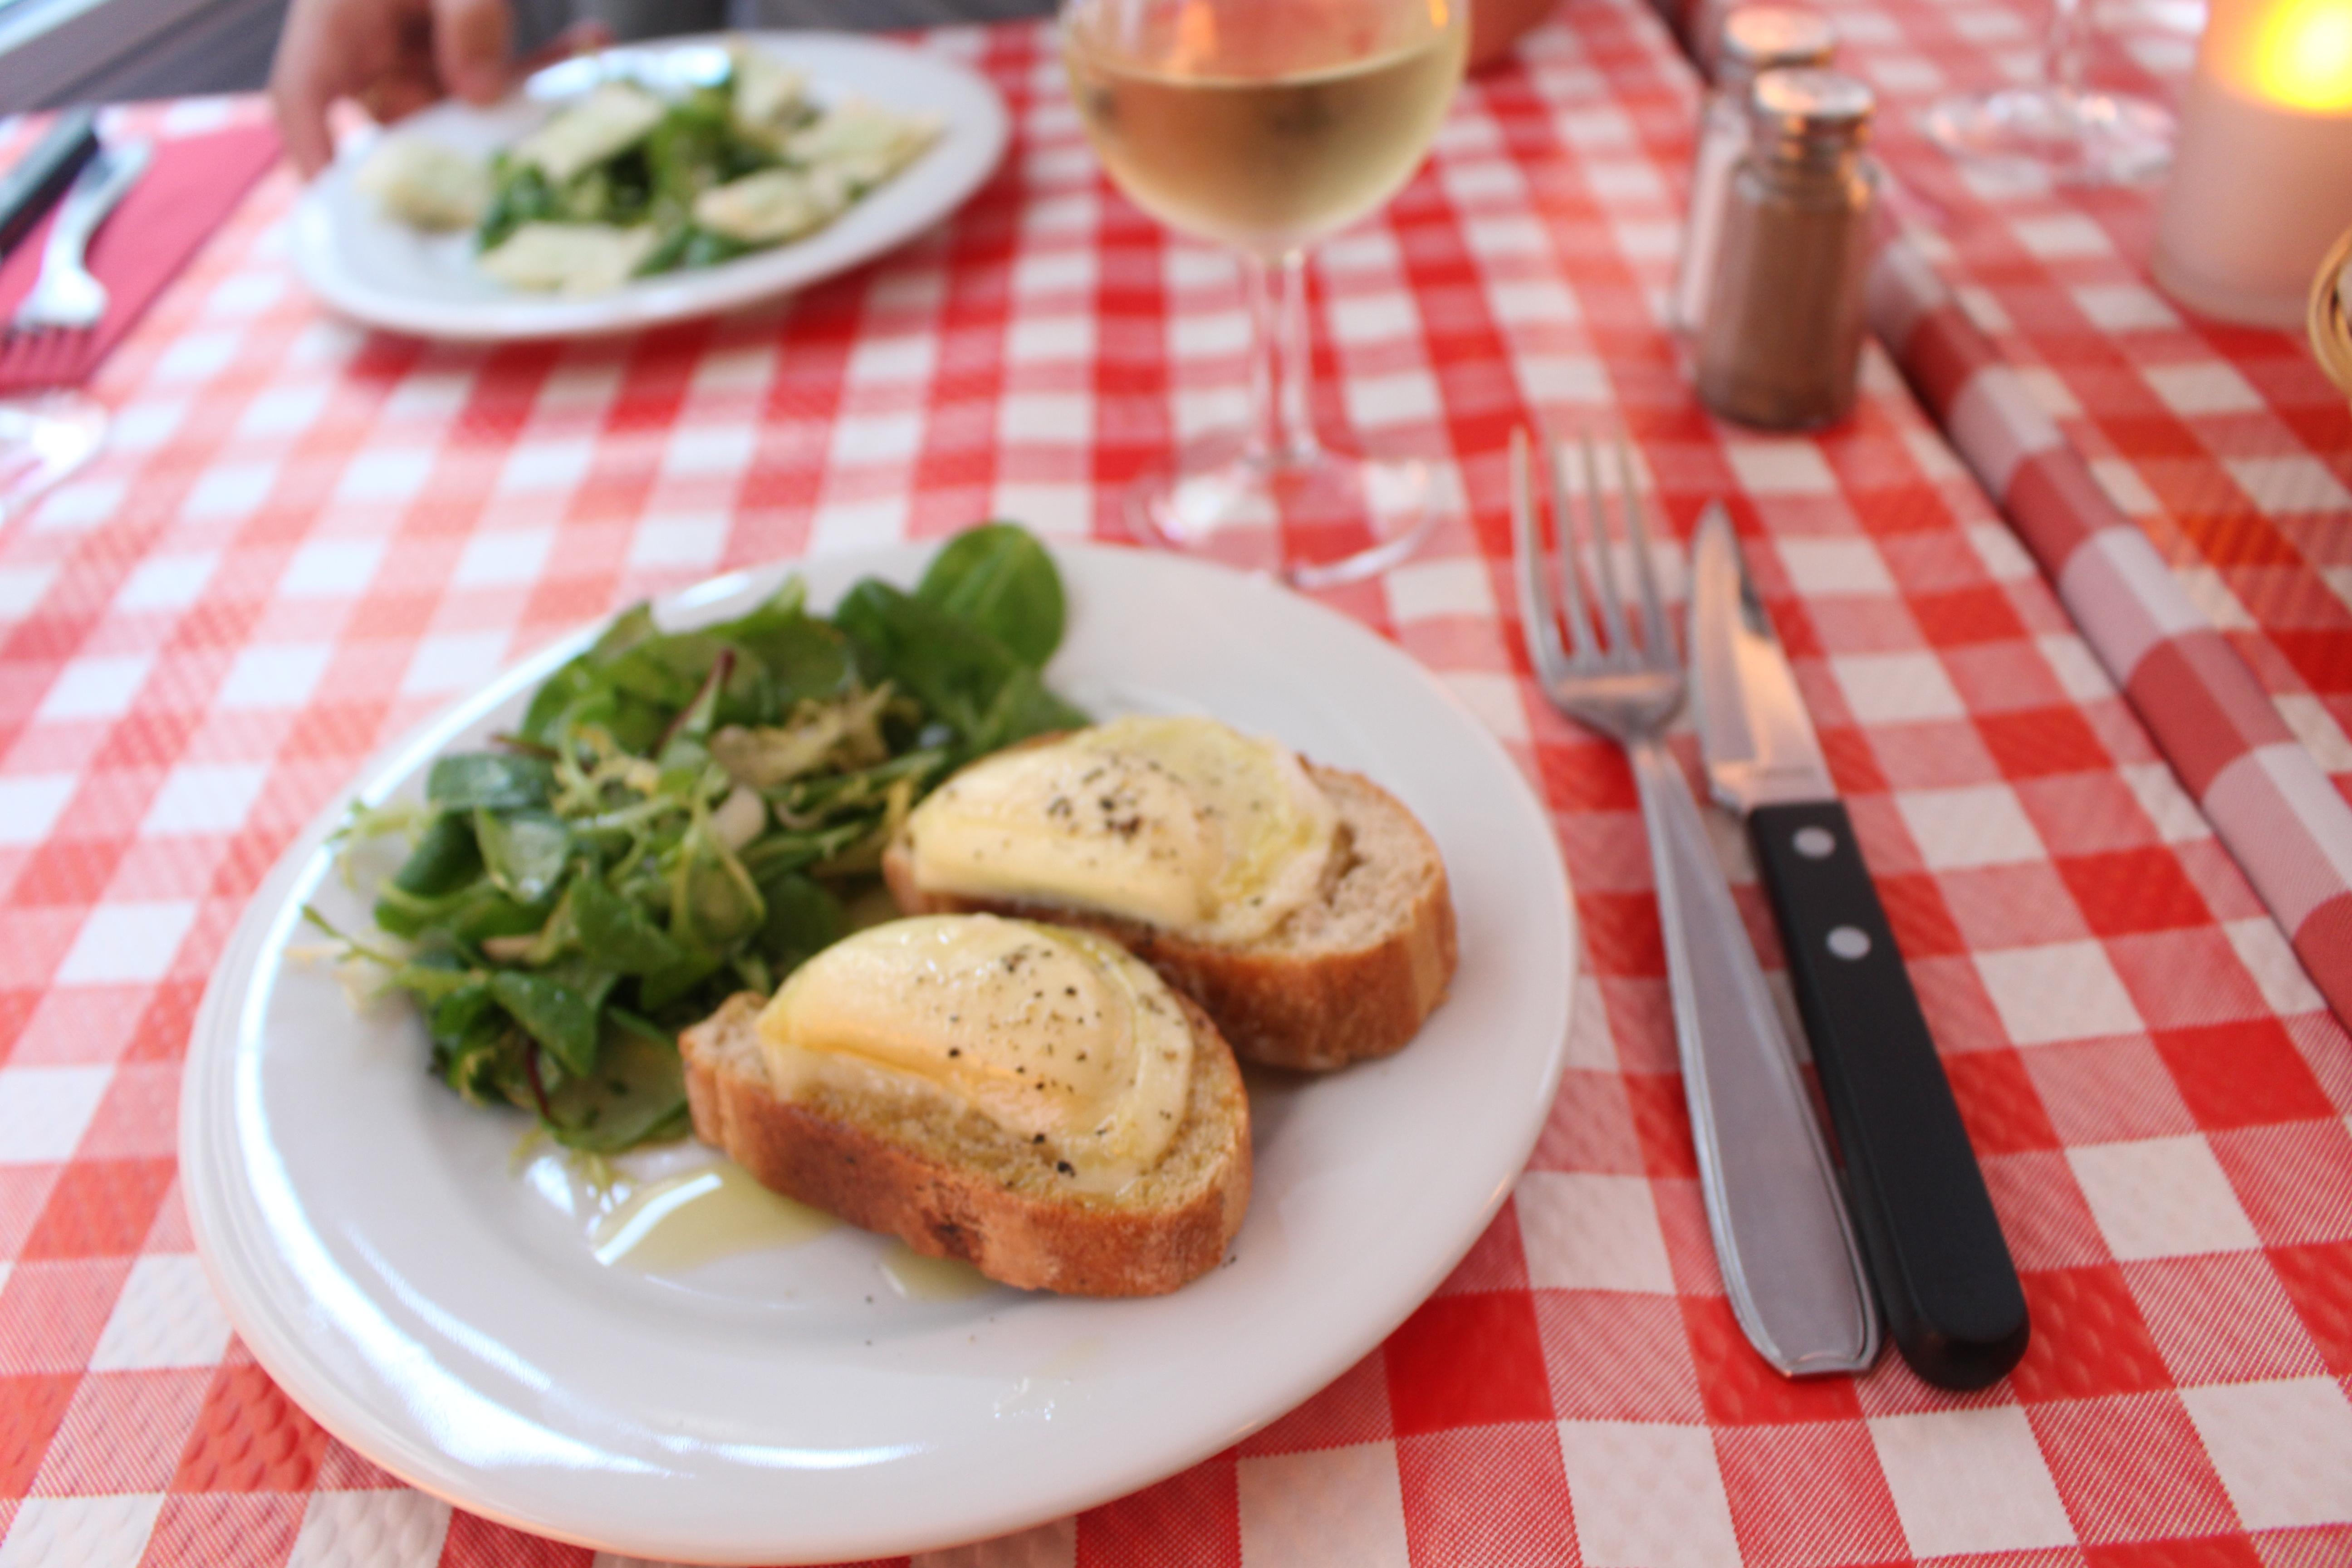 photos pr sentation foie gras sur assiette. Black Bedroom Furniture Sets. Home Design Ideas